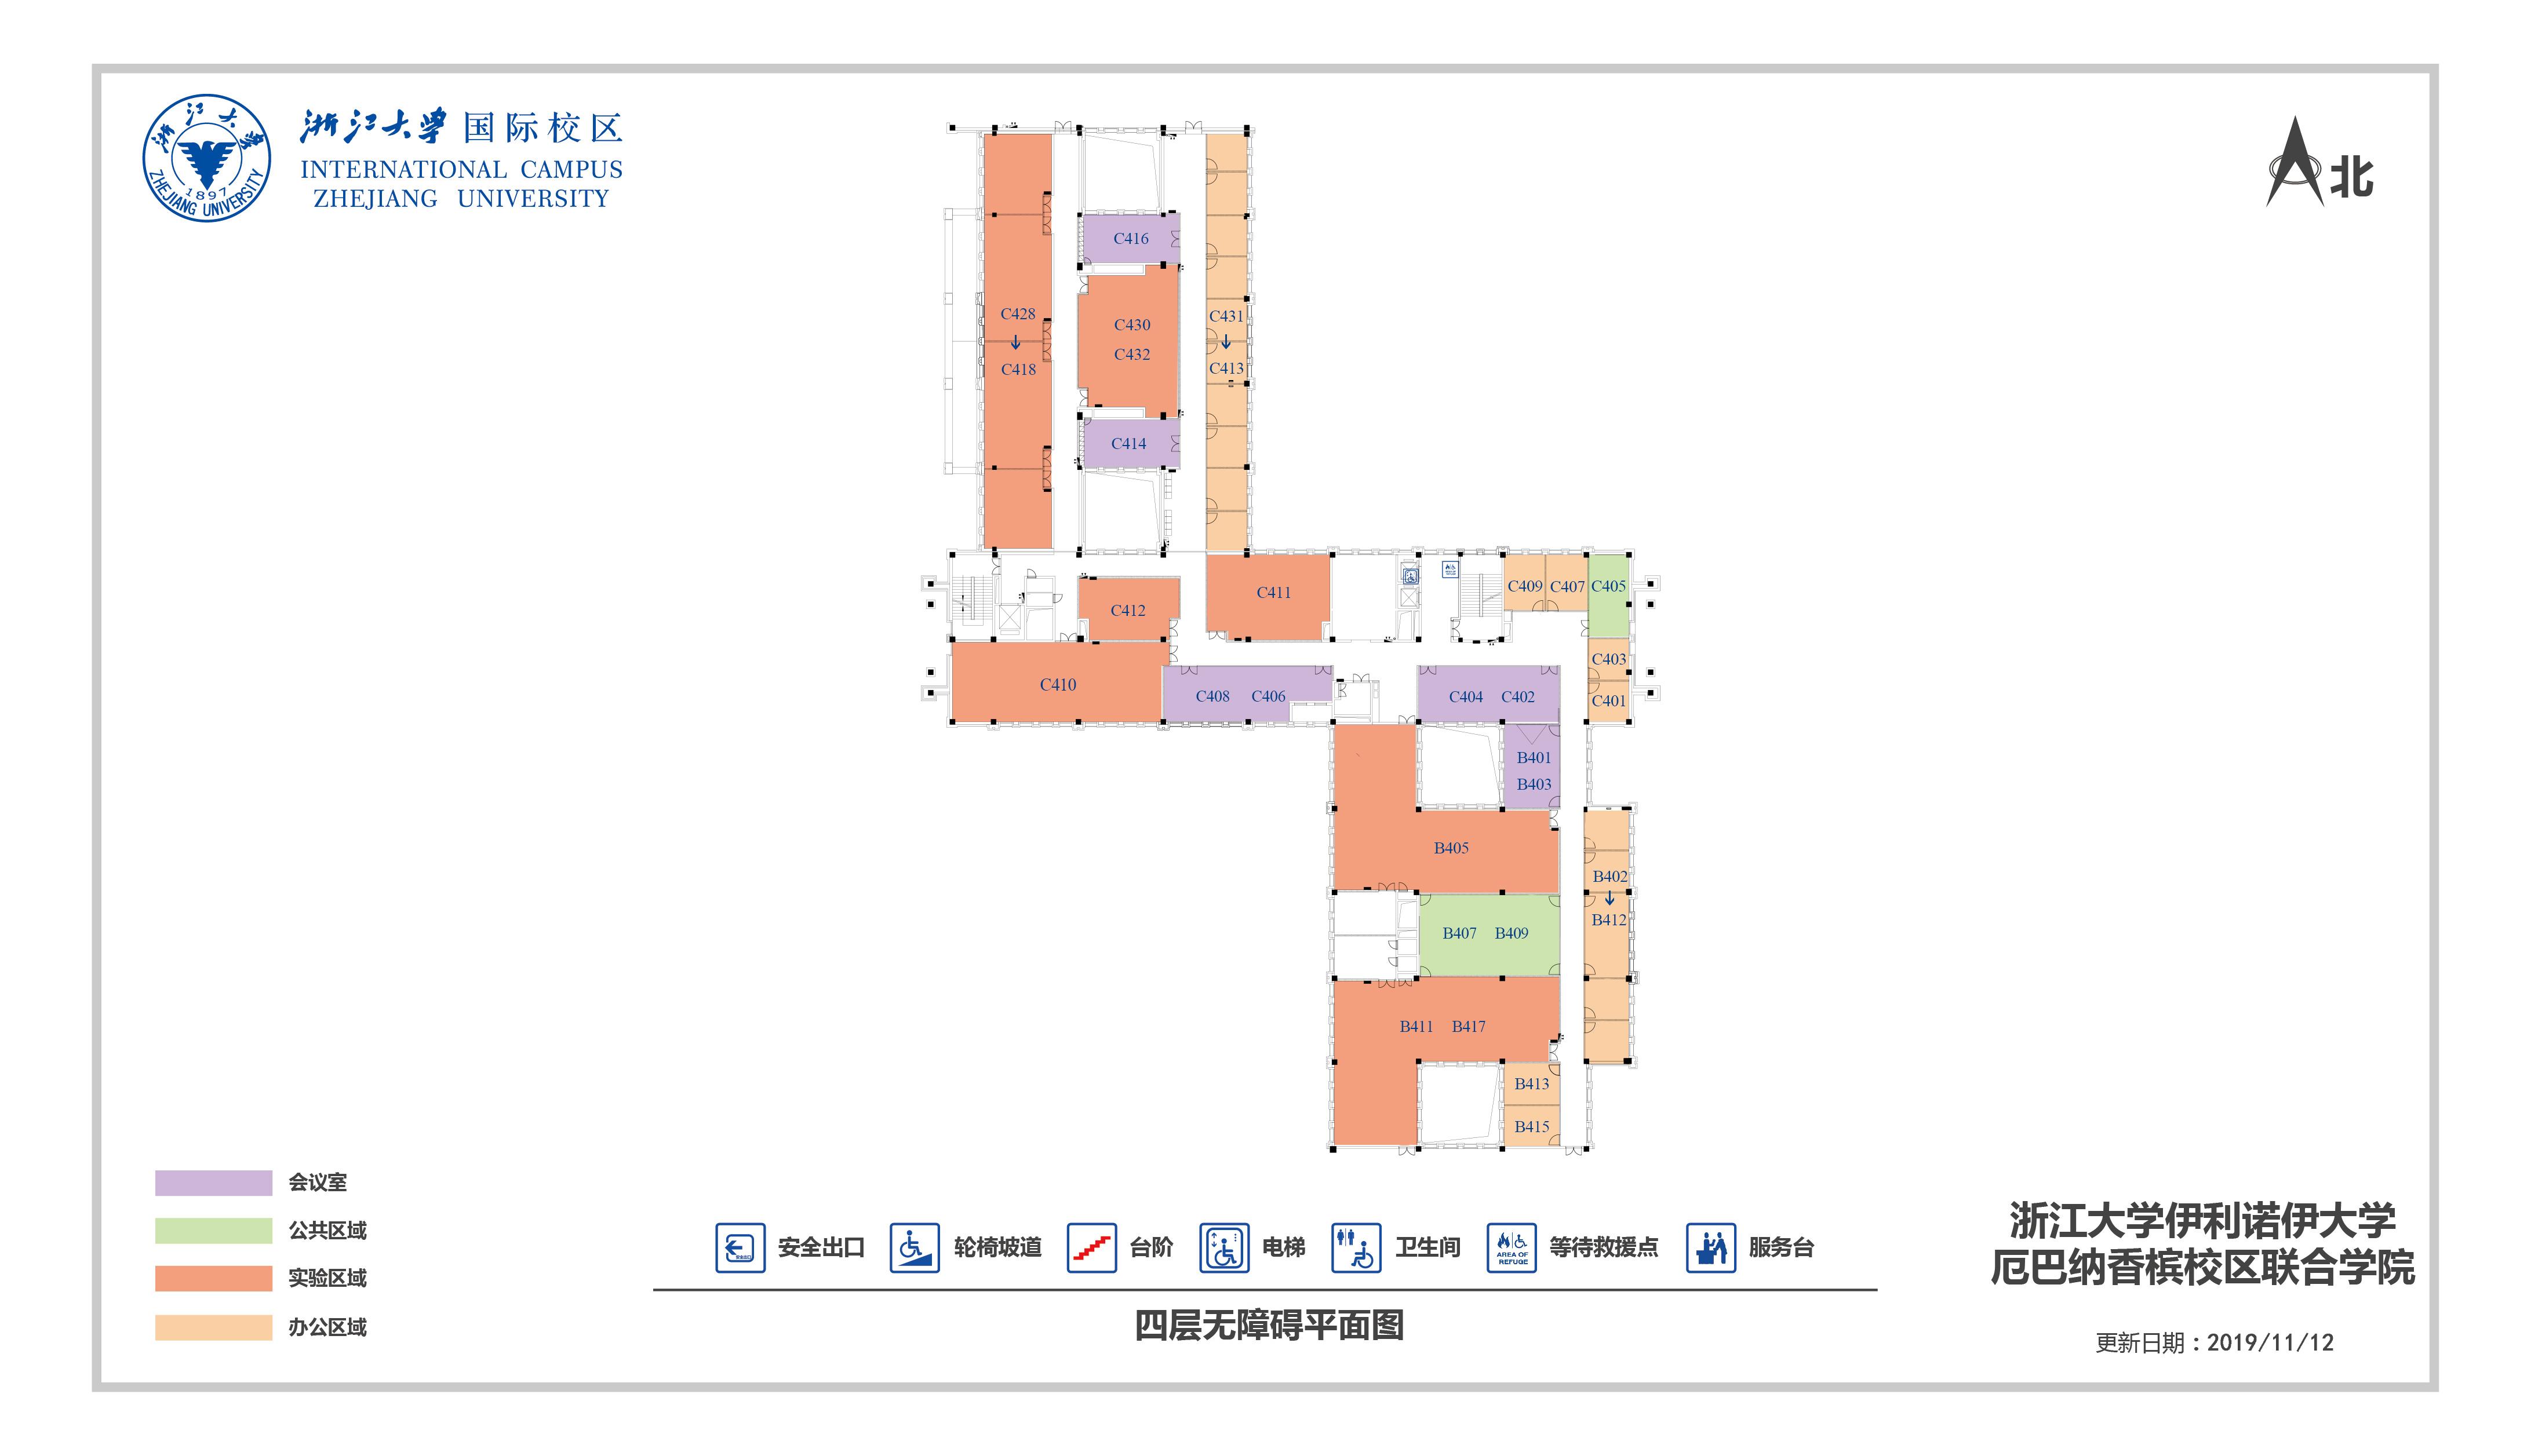 ZJUI无障碍设施四层平面图.jpg